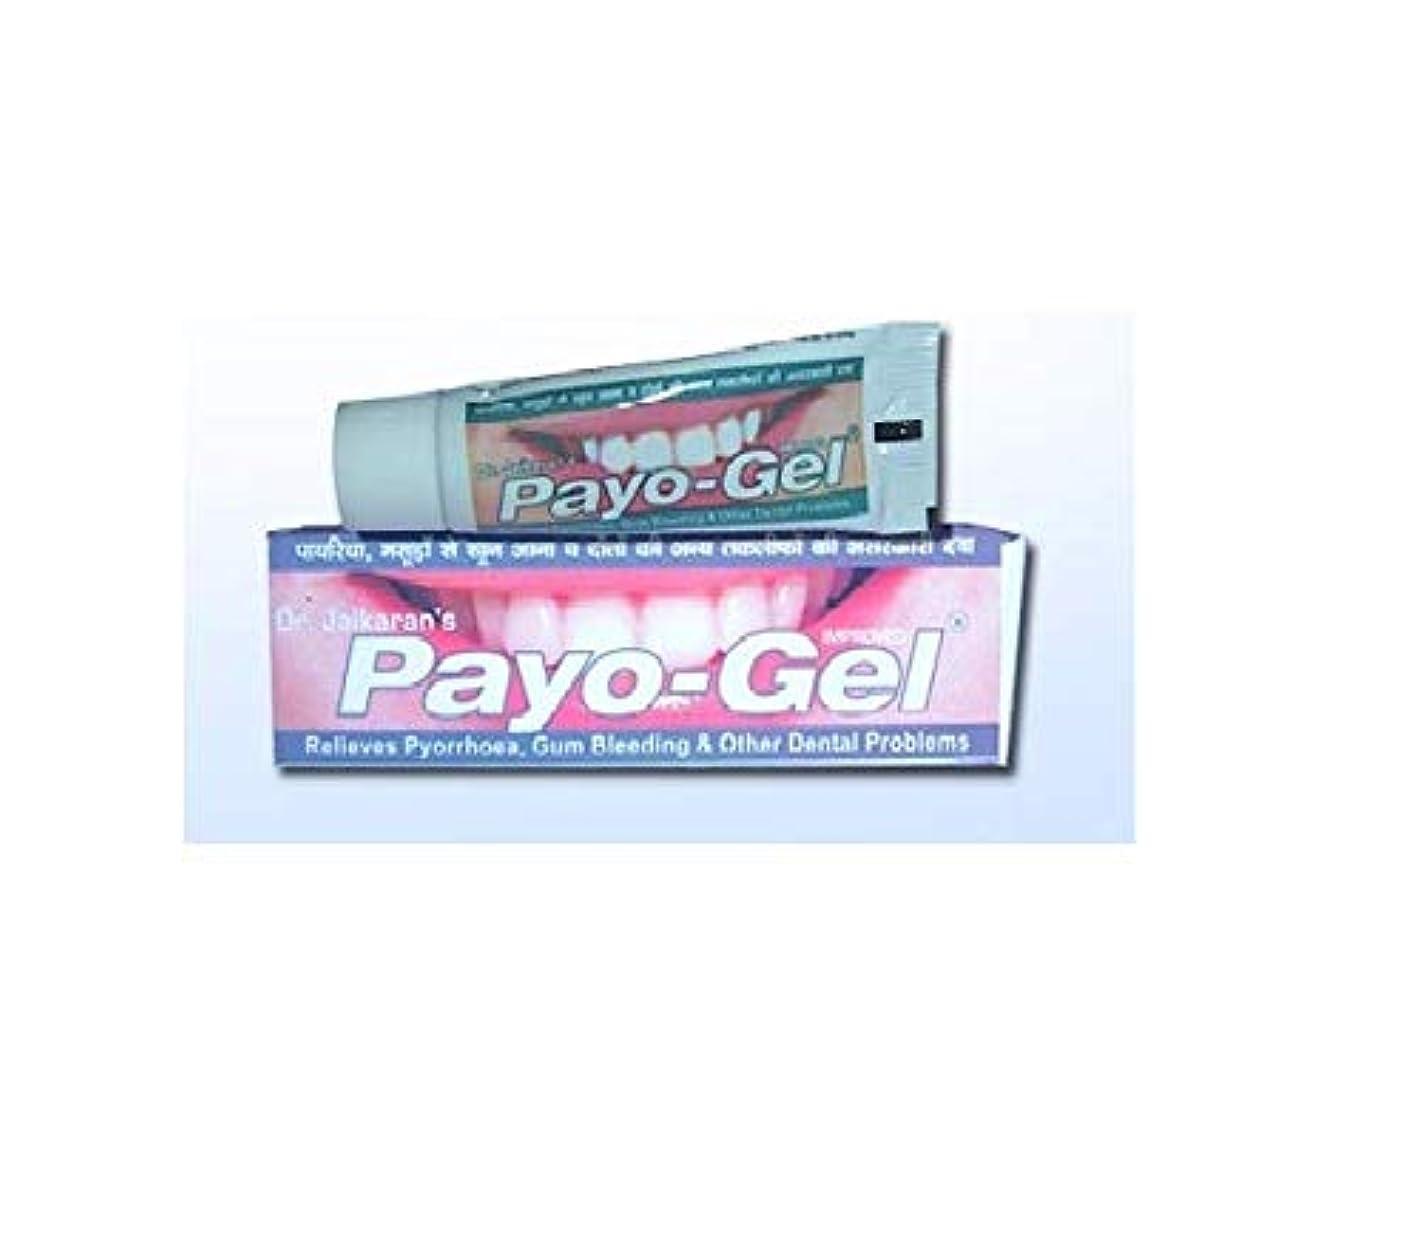 ウェイター痛み論争Herbal Payogel 20 grams Made with natural herbs for relief from bleeding gums Pyorrhea, ハーブ 歯茎の出血を防ぐための天然ハーブで作られています